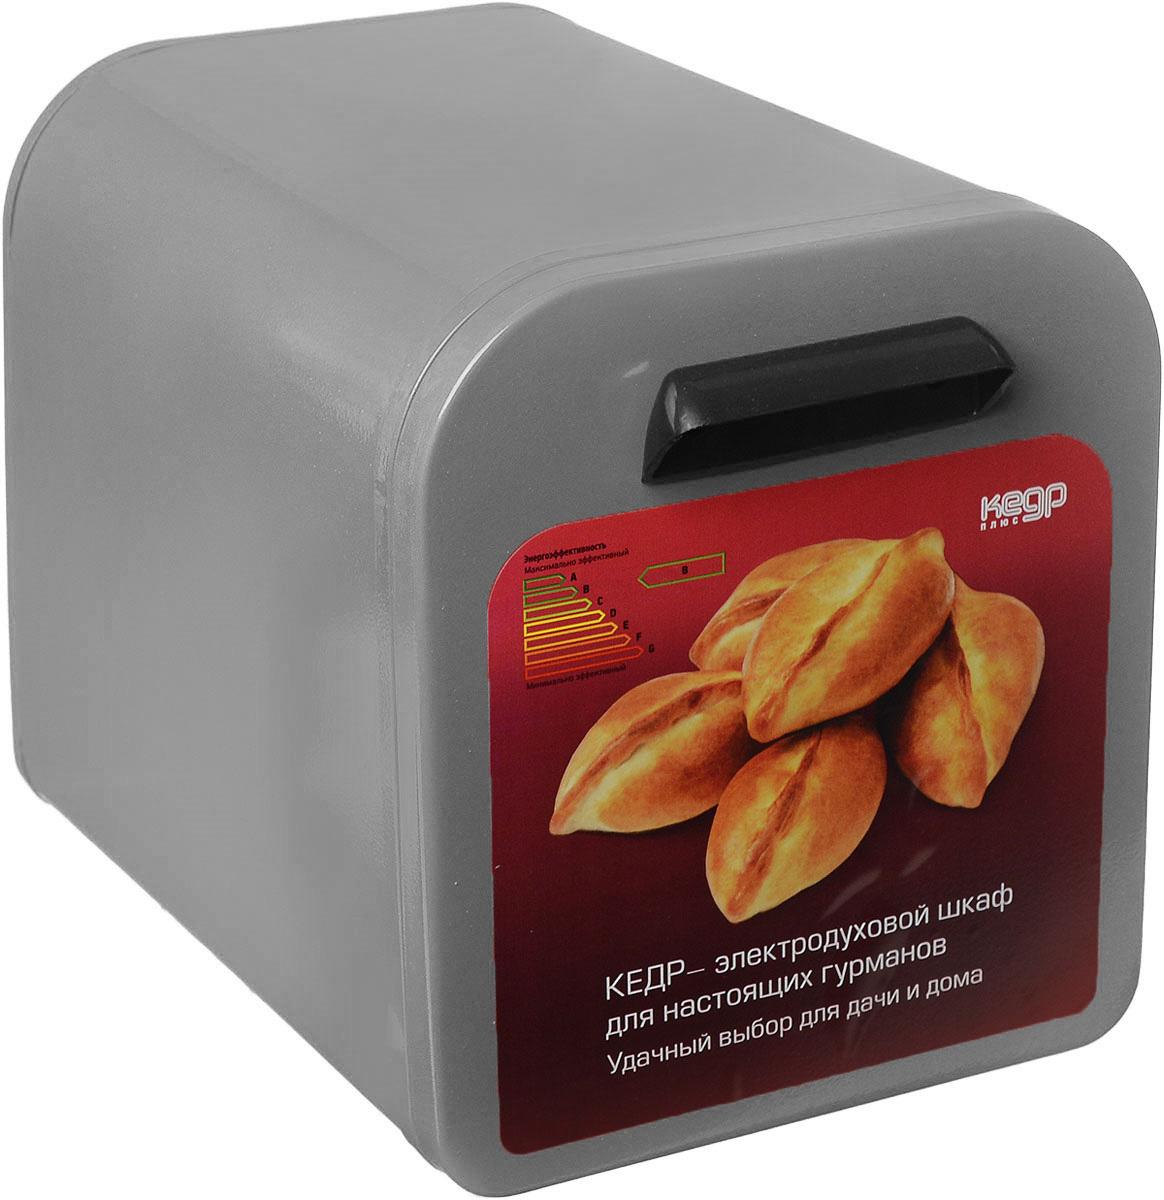 Кедр ШЖ-0,625/220 жарочный шкаф, цвет серыйШЖ-0,625/220Жарочный шкаф Кедр предназначен для выпечки в домашних условиях различных изделий из теста, а также для запекания картофеля и приготовления блюд из мяса, птицы, рыбы. Такжев нем можно сушить ягоды, грибы и фрукты. Идеален для использования дома, на даче или в гараже.Этот жарочный шкаф отличается низким энергопотреблением - всего 0,625 кВт, что обеспечивает значительную экономию электроэнергии по сравнению с микроволновой печью и бесперебойную работу в условиях нестабильного электроснабжения в сельскойместности, имеет большой срок службы - до 20-ти лет. Но, пожалуй, главная его особенность и уникальность заключается в том, что он создает эффект русской печи. Так происходит, потому что тепло по всему периметру жарочного шкафа распределяется равномерно и как бы окутывает блюдо со всех сторон. В процессе приготовления еды не задействованы микроволны, о вреде которых идет так много споров. А, значит, жарочный шкаф Кедр составит хорошую альтернативу микроволновке.Высокие вкусовые качества приготовленных блюдУвеличенный срок службы (до 20 лет)Гарантийный срок - 24 месяцаНизкое энергопотреблениеОтсутствие микроволнЛегкость и простота эксплуатацииВремя разогрева до температуры 250°С - не более 20 минутВнутренние размеры: 315 x 205 x 205 ммРазмер противня: 300 х 198 х 20 мм.